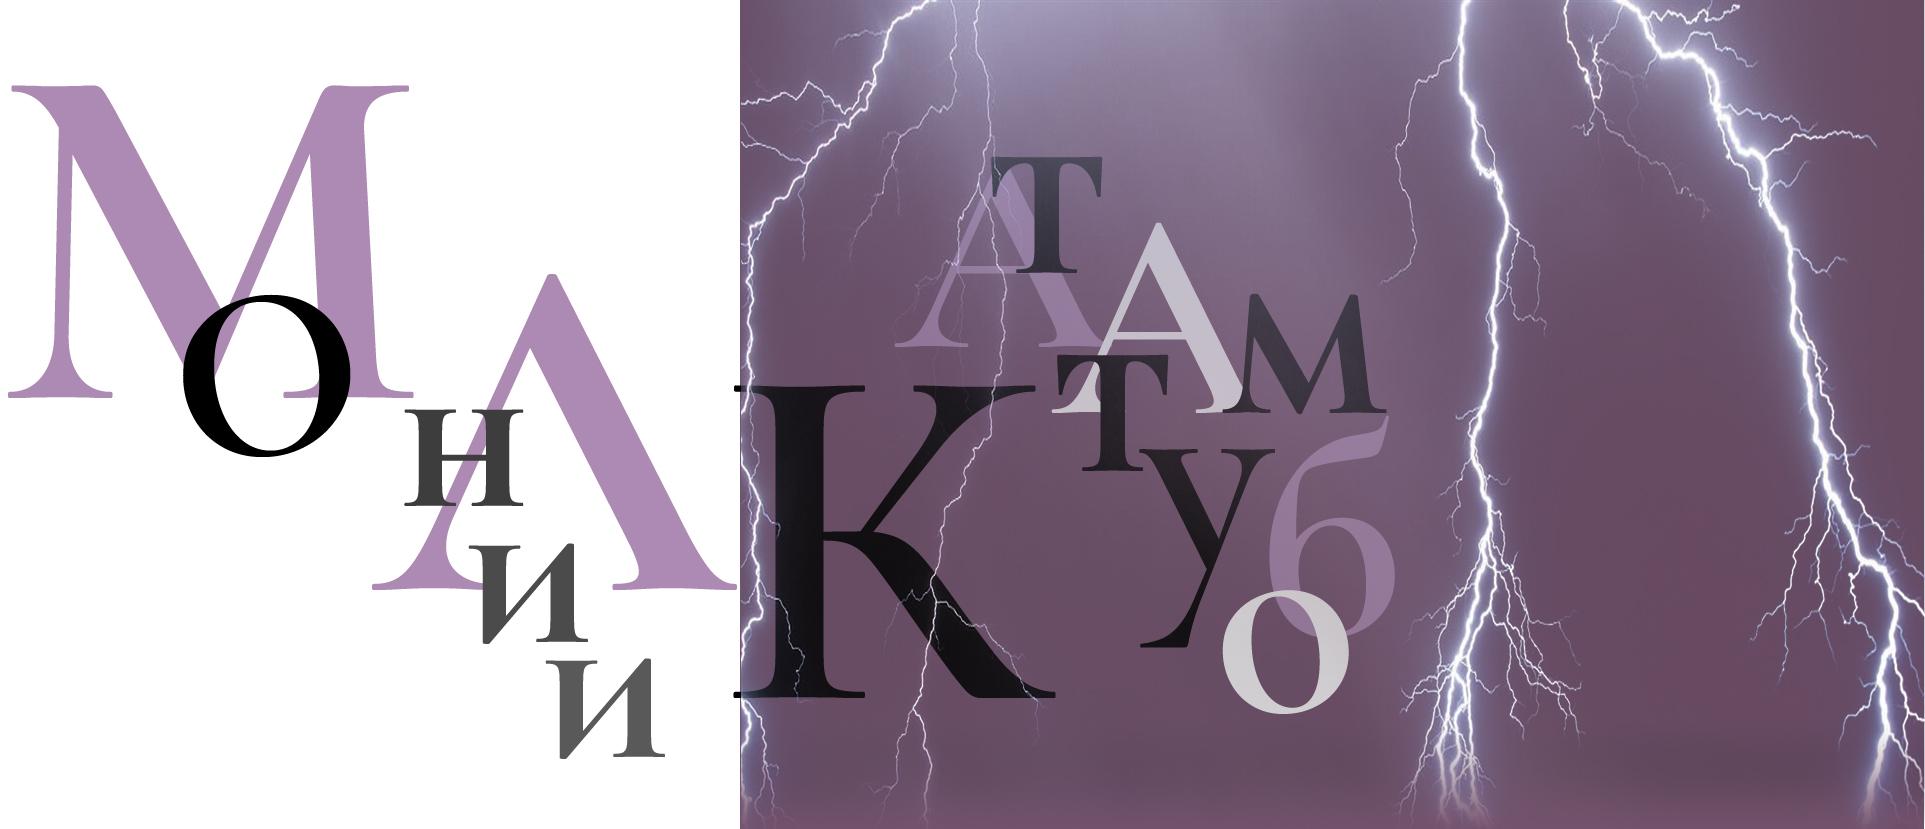 надпись Молнии Кататумбо